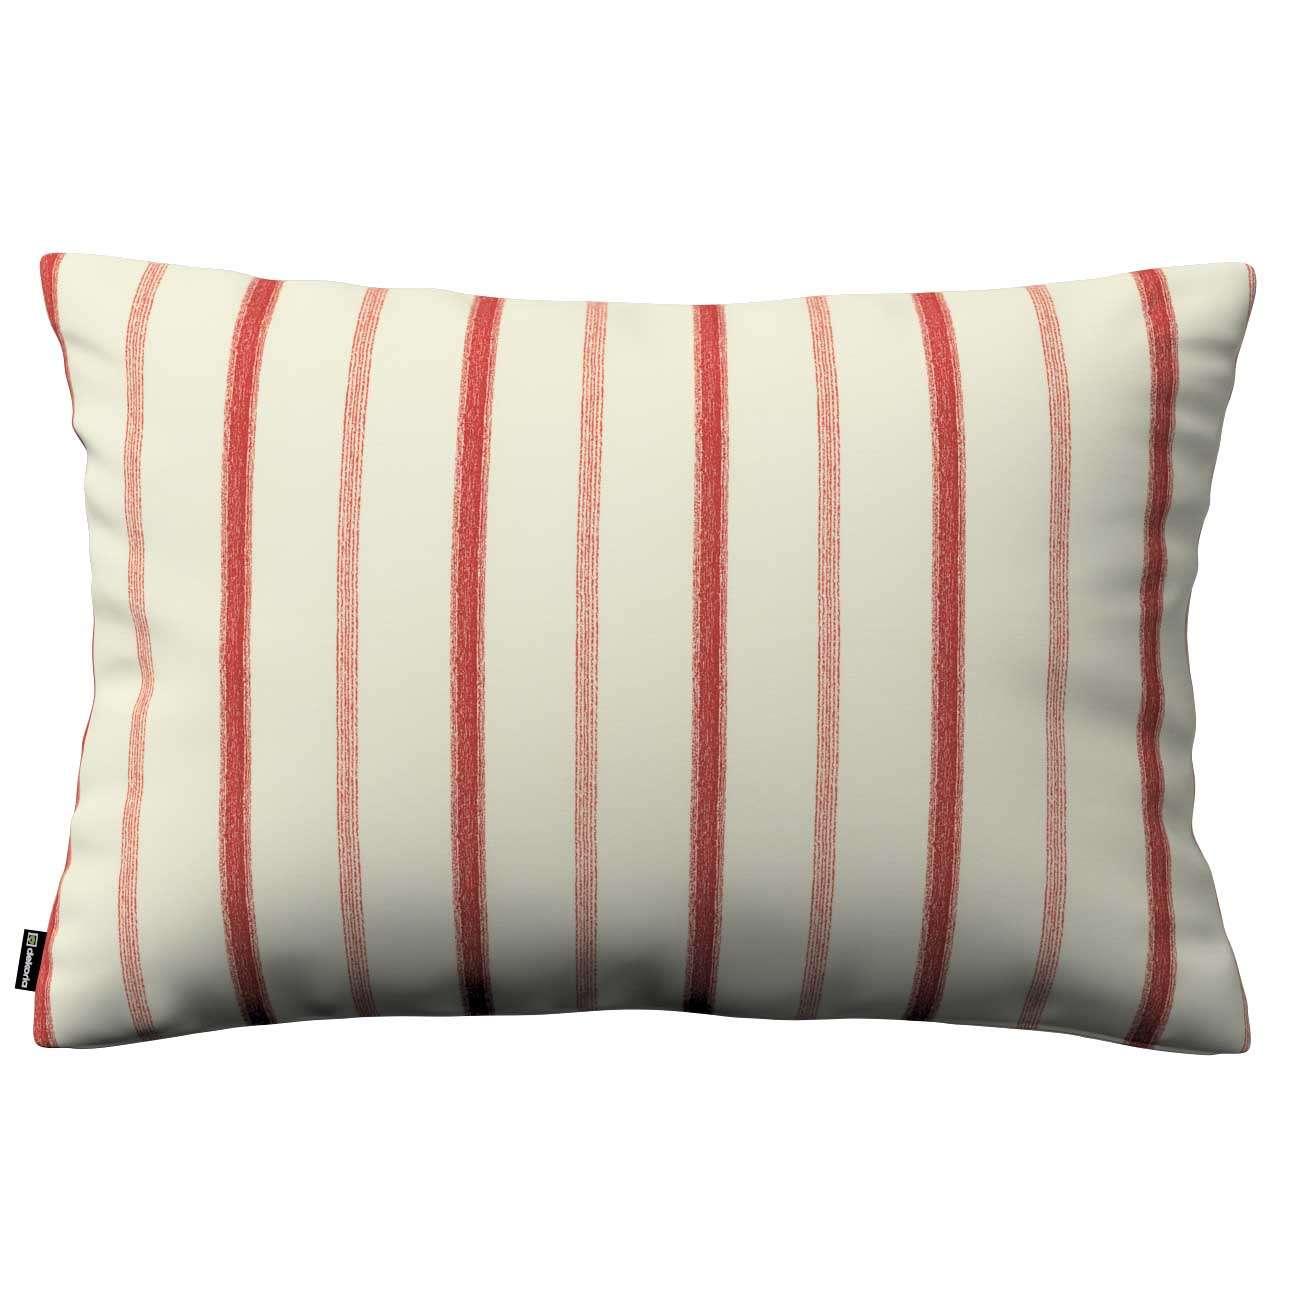 Kinga dekoratyvinės pagalvėlės užvalkalas 60x40cm 60x40cm kolekcijoje Avinon, audinys: 129-15